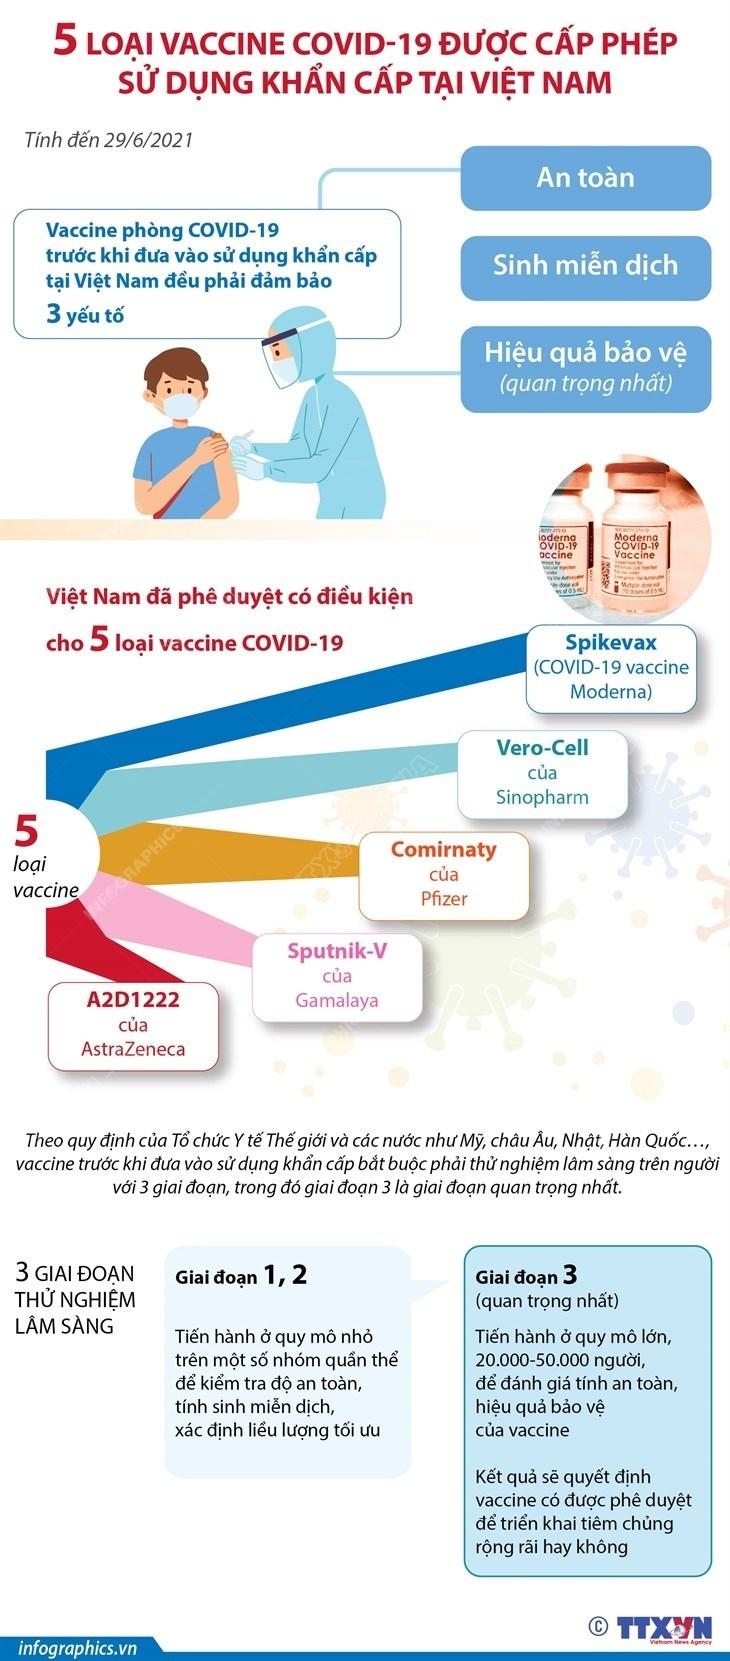 [Infographics] 5 loại vaccine COVID-19 được cấp phép sử dụng khẩn cấp - Ảnh 1